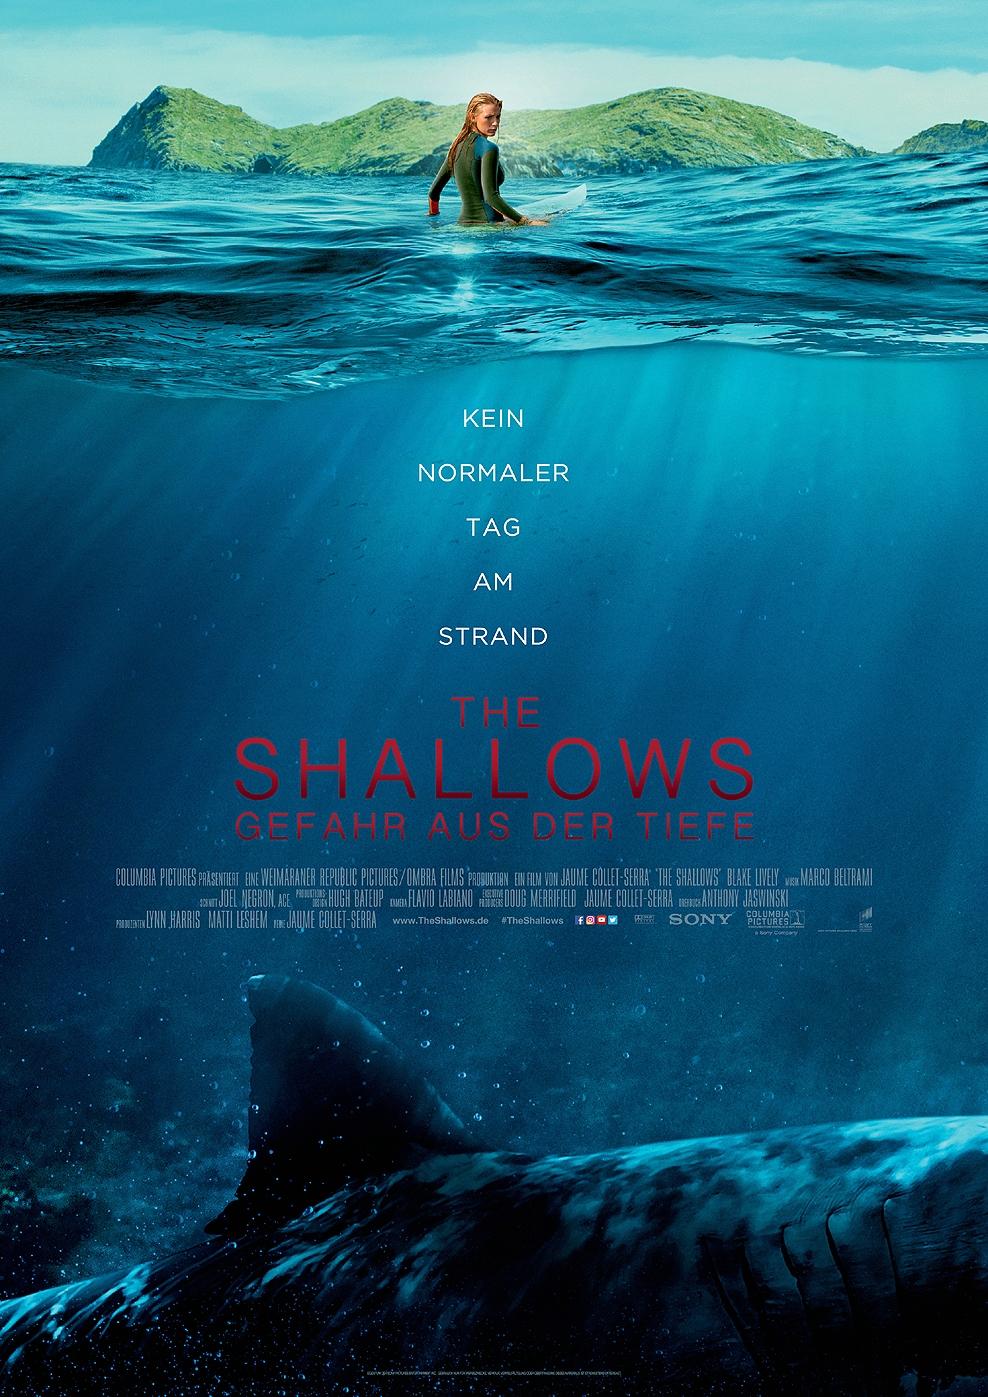 The Shallows - Gefahr aus der Tiefe (Poster)